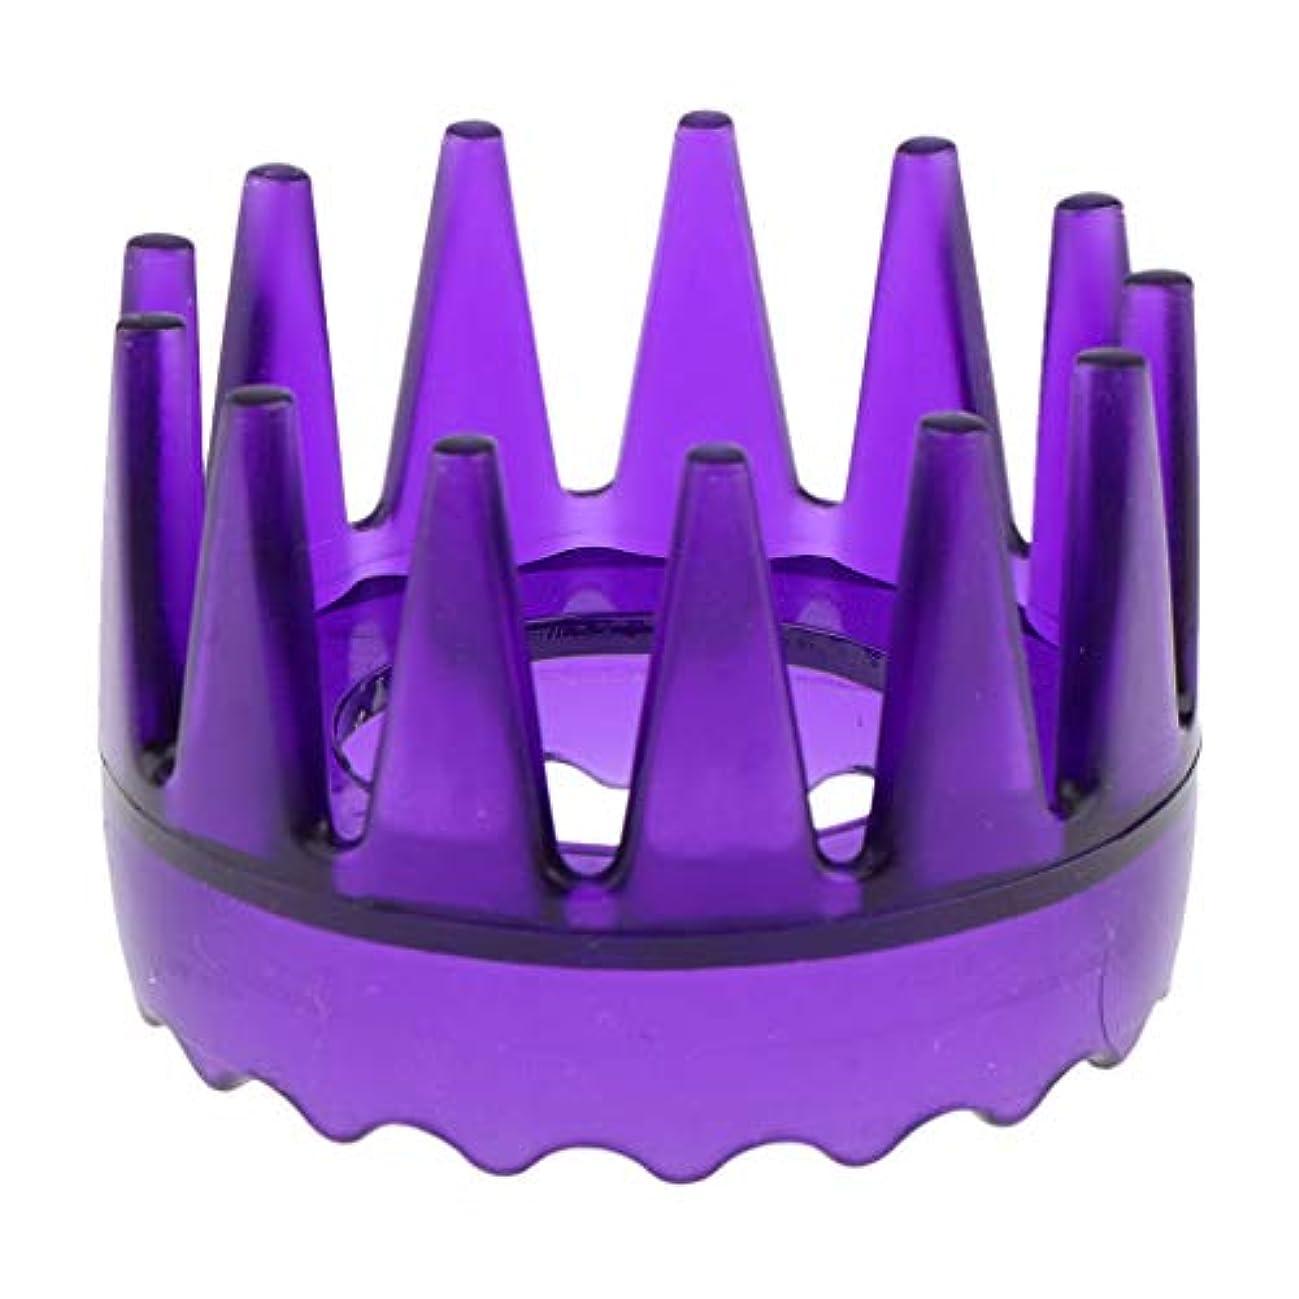 同種の少年猟犬T TOOYFUL 頭皮マッサージブラシ ヘアブラシ ヘアコーム ヘアケア シャワー 洗髪櫛 滑り止め 全4色 - 紫